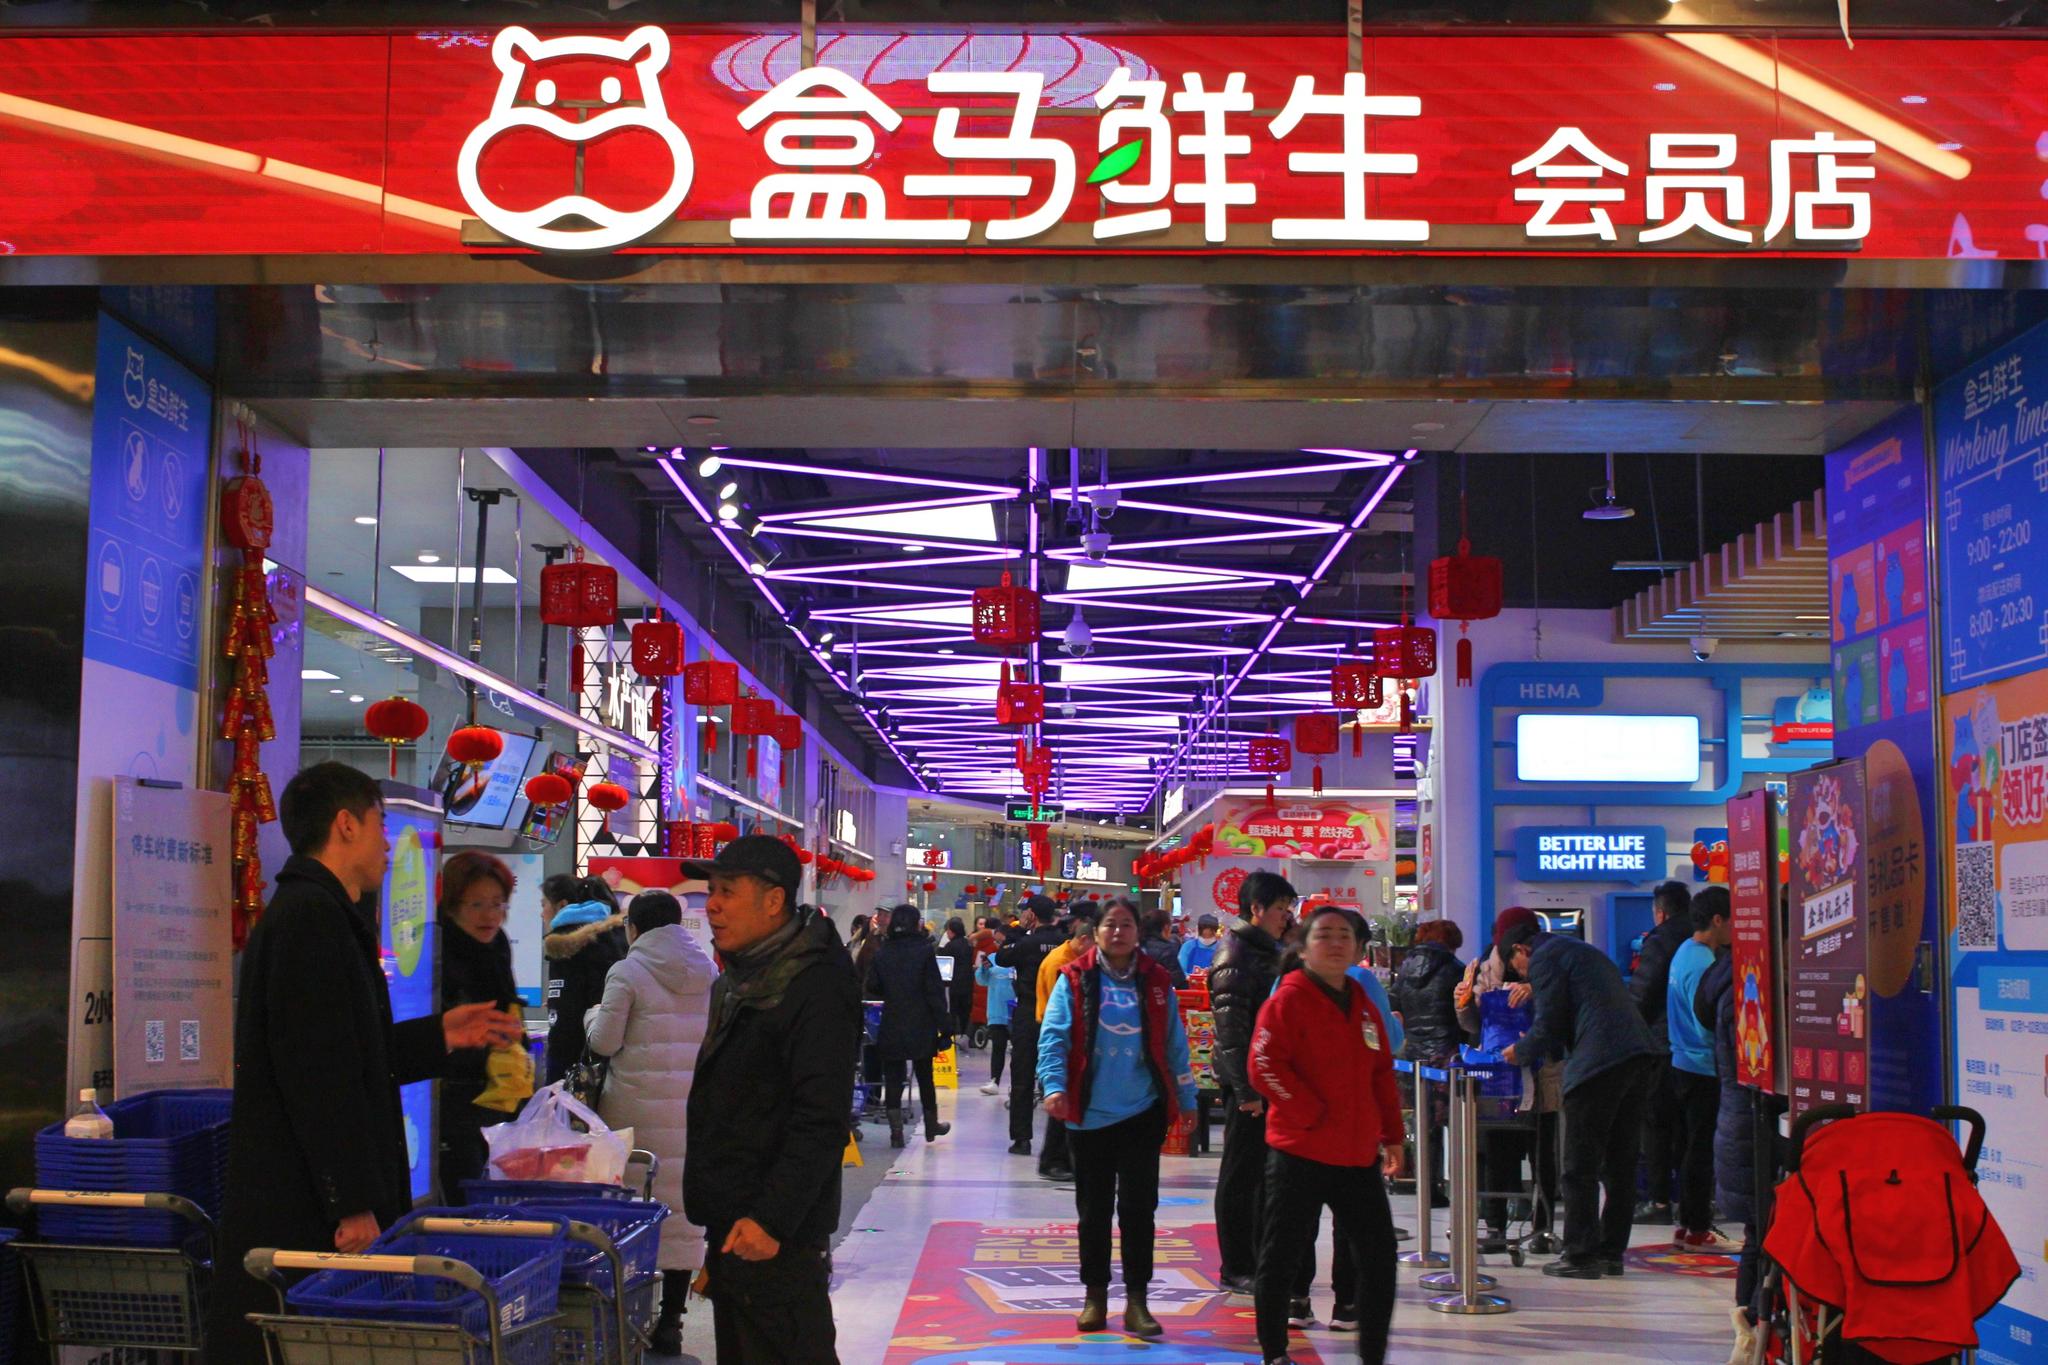 http://www.shangoudaohang.com/chuangtou/241849.html